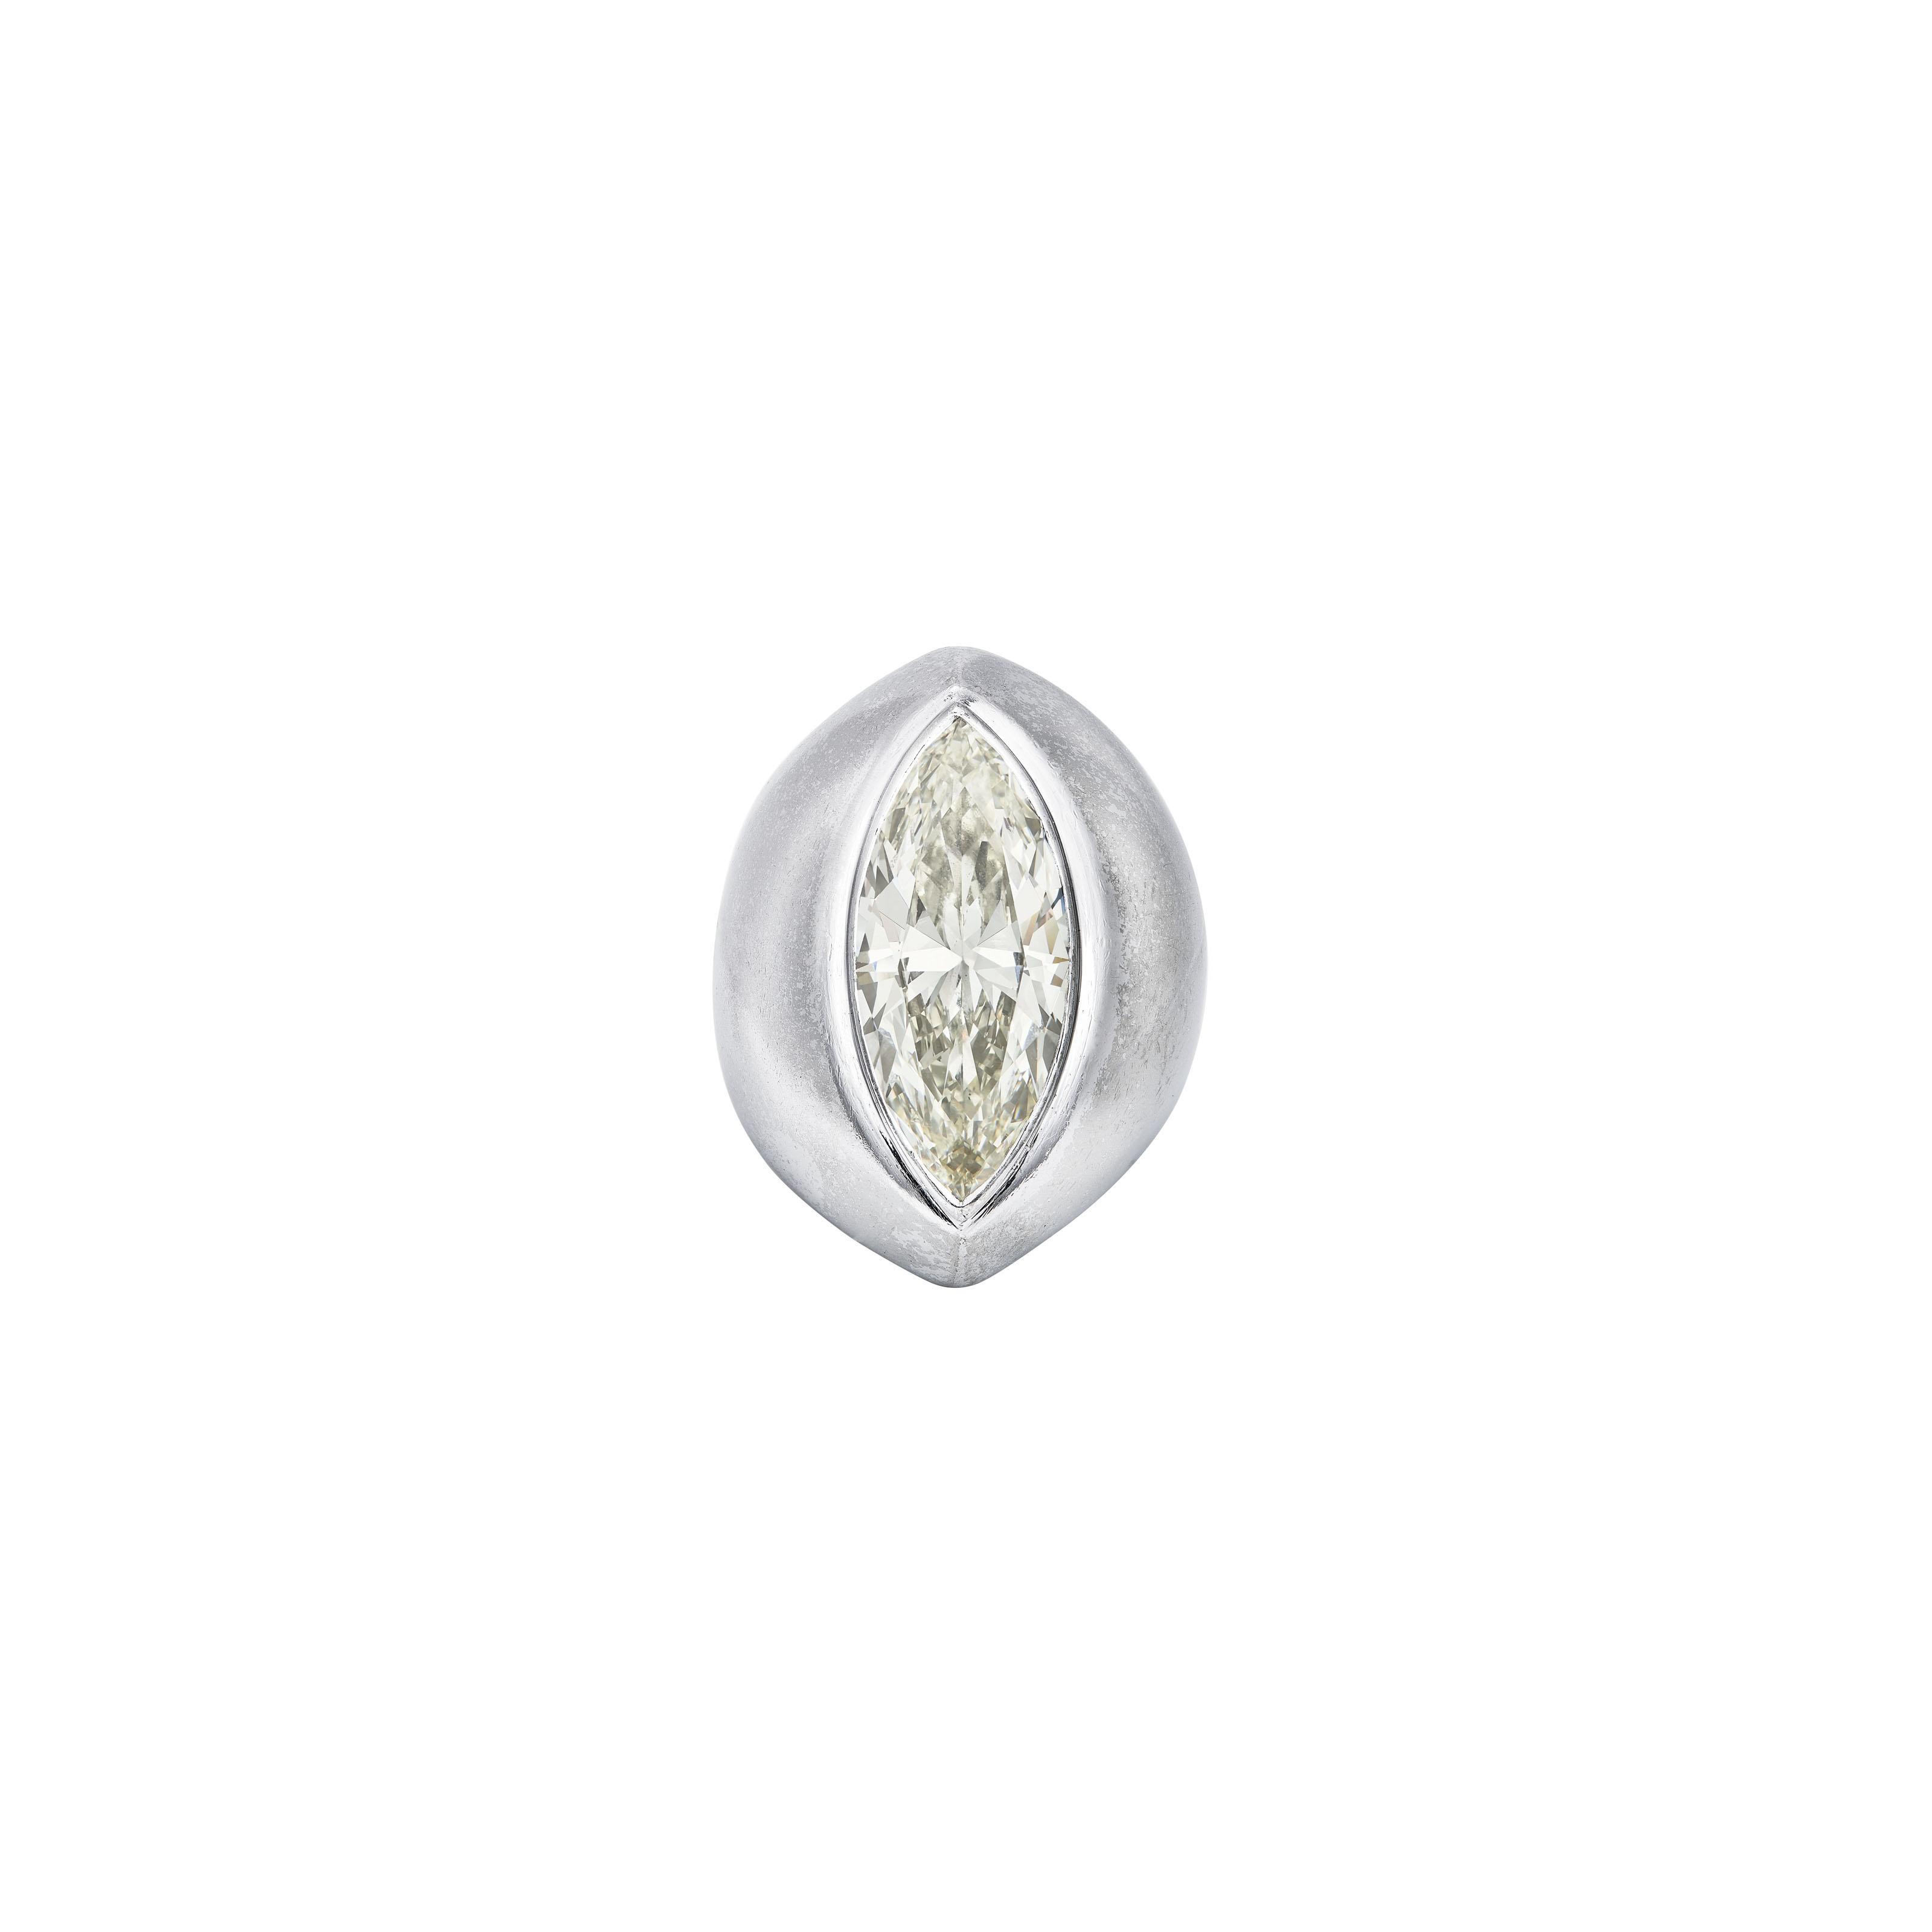 DIAMOND RING, HERTZ-BELPERRON